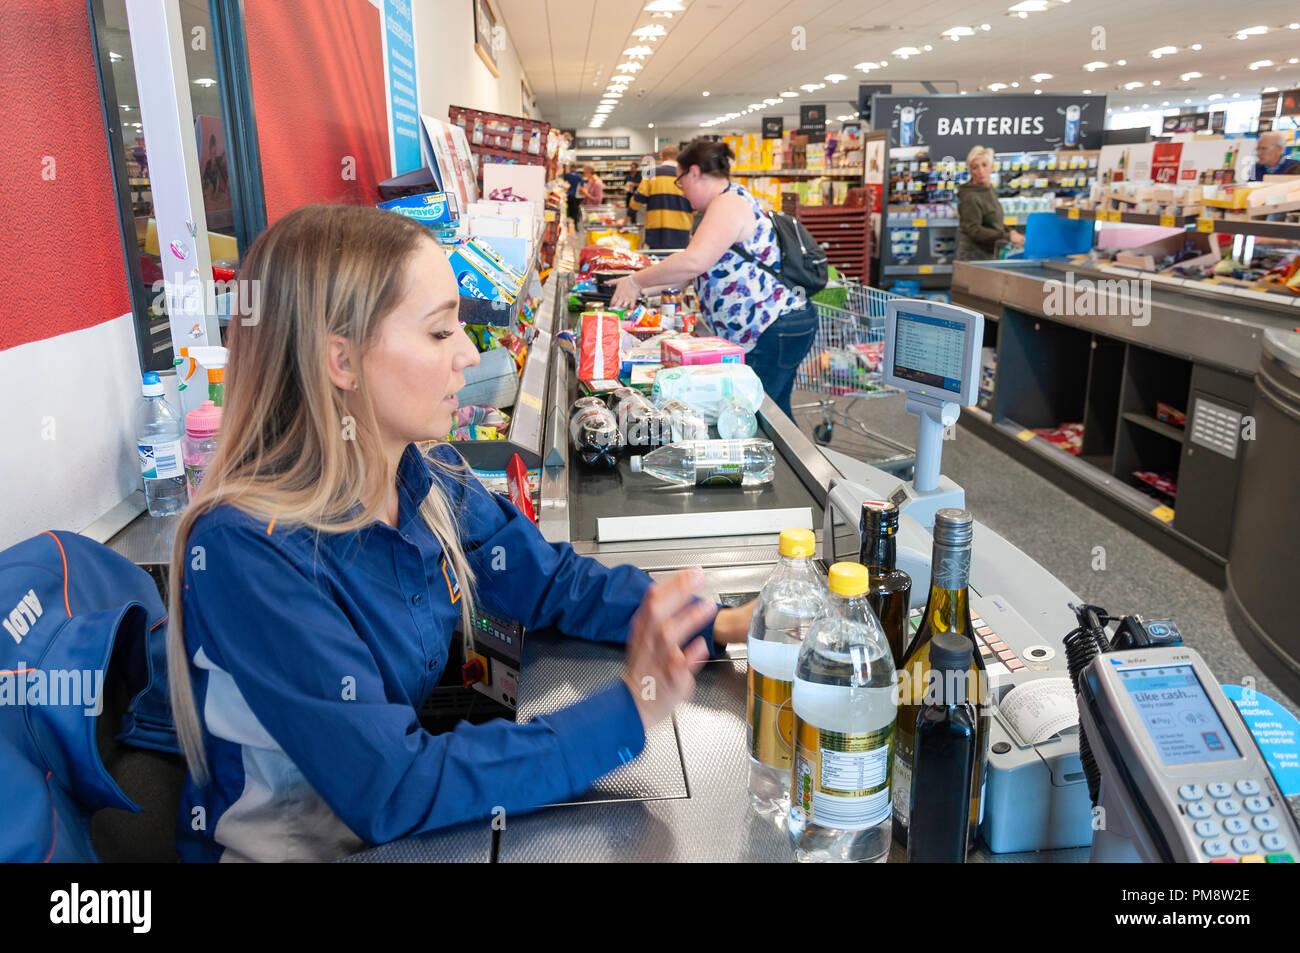 Mujer trabajadora contador de check-out en el supermercado Aldi, Gogmore Lane, Chertsey, Surrey, Inglaterra, Reino Unido Foto de stock